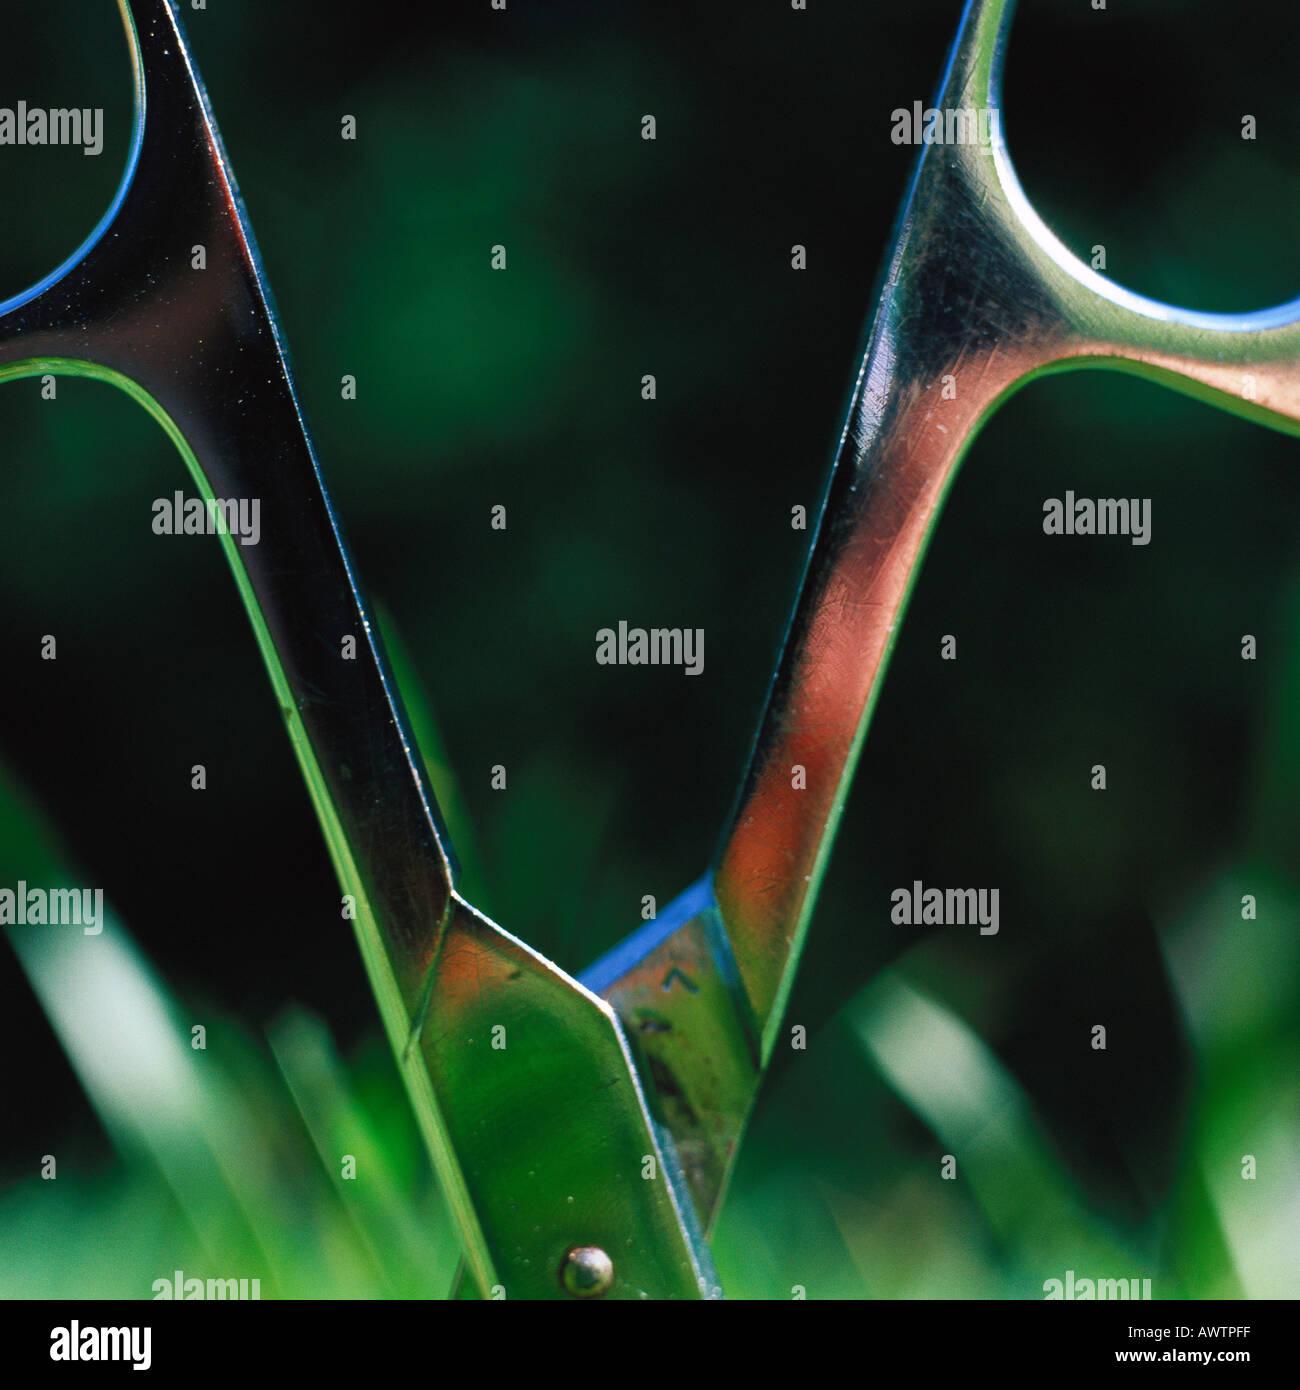 Schere stecken in Rasen, Nahaufnahme Stockbild